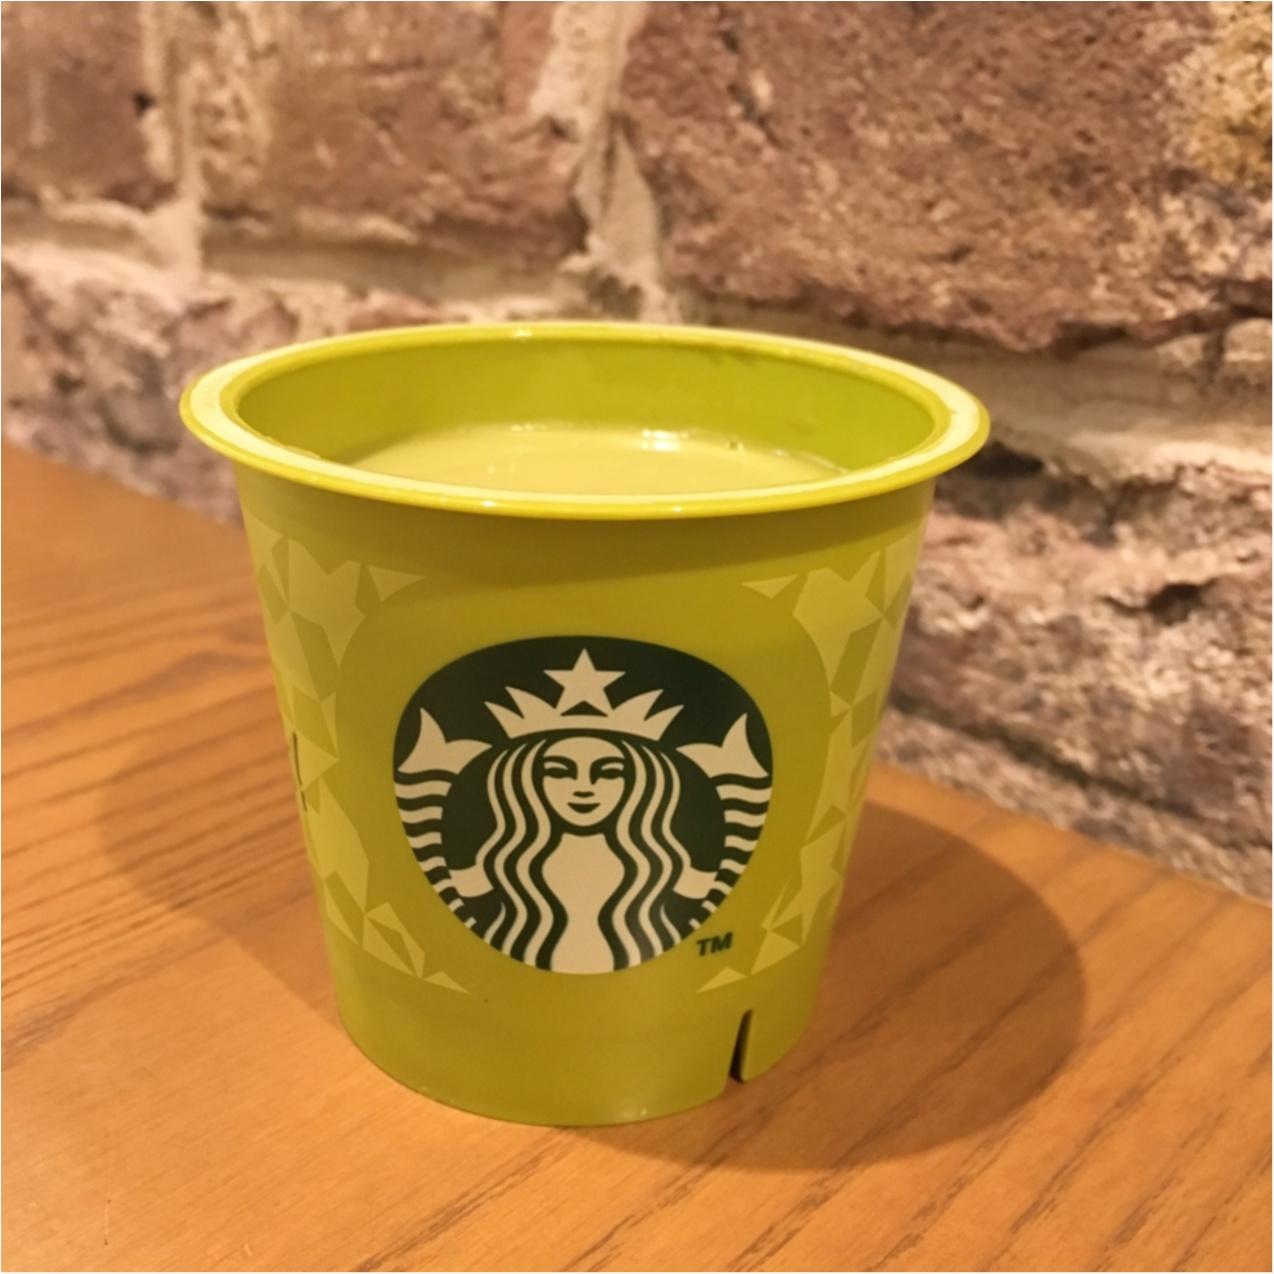 【 売り切れ必至!?】スターバックスのプリンに期間限定で抹茶が仲間入り♪ とろけるプリンのお味は…♡_2